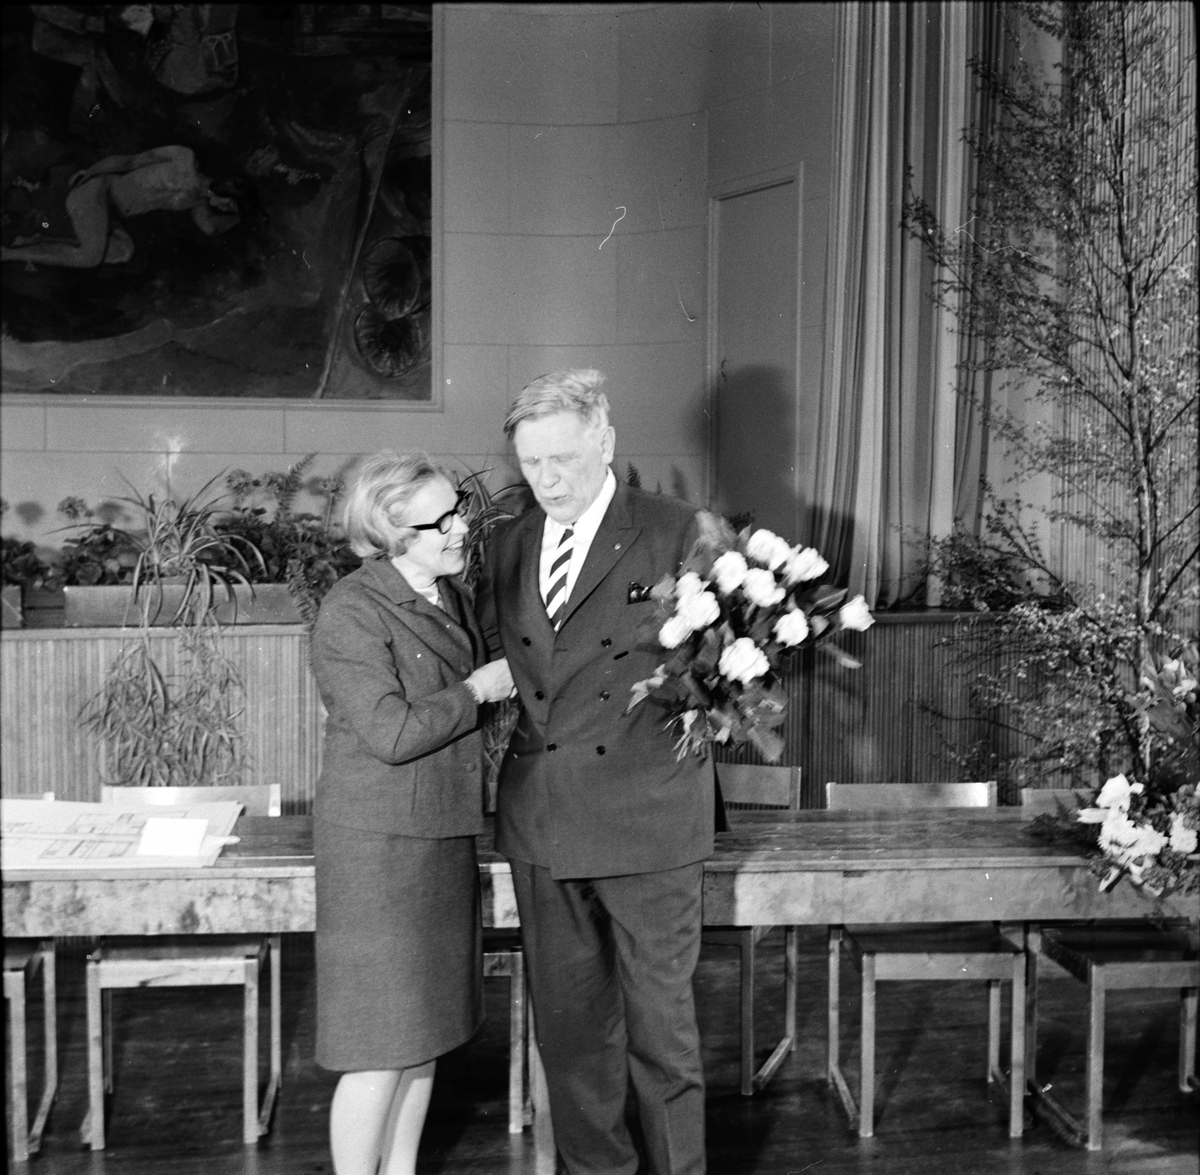 Nytorp, Rektor Örn slutar, 11 Maj 1968